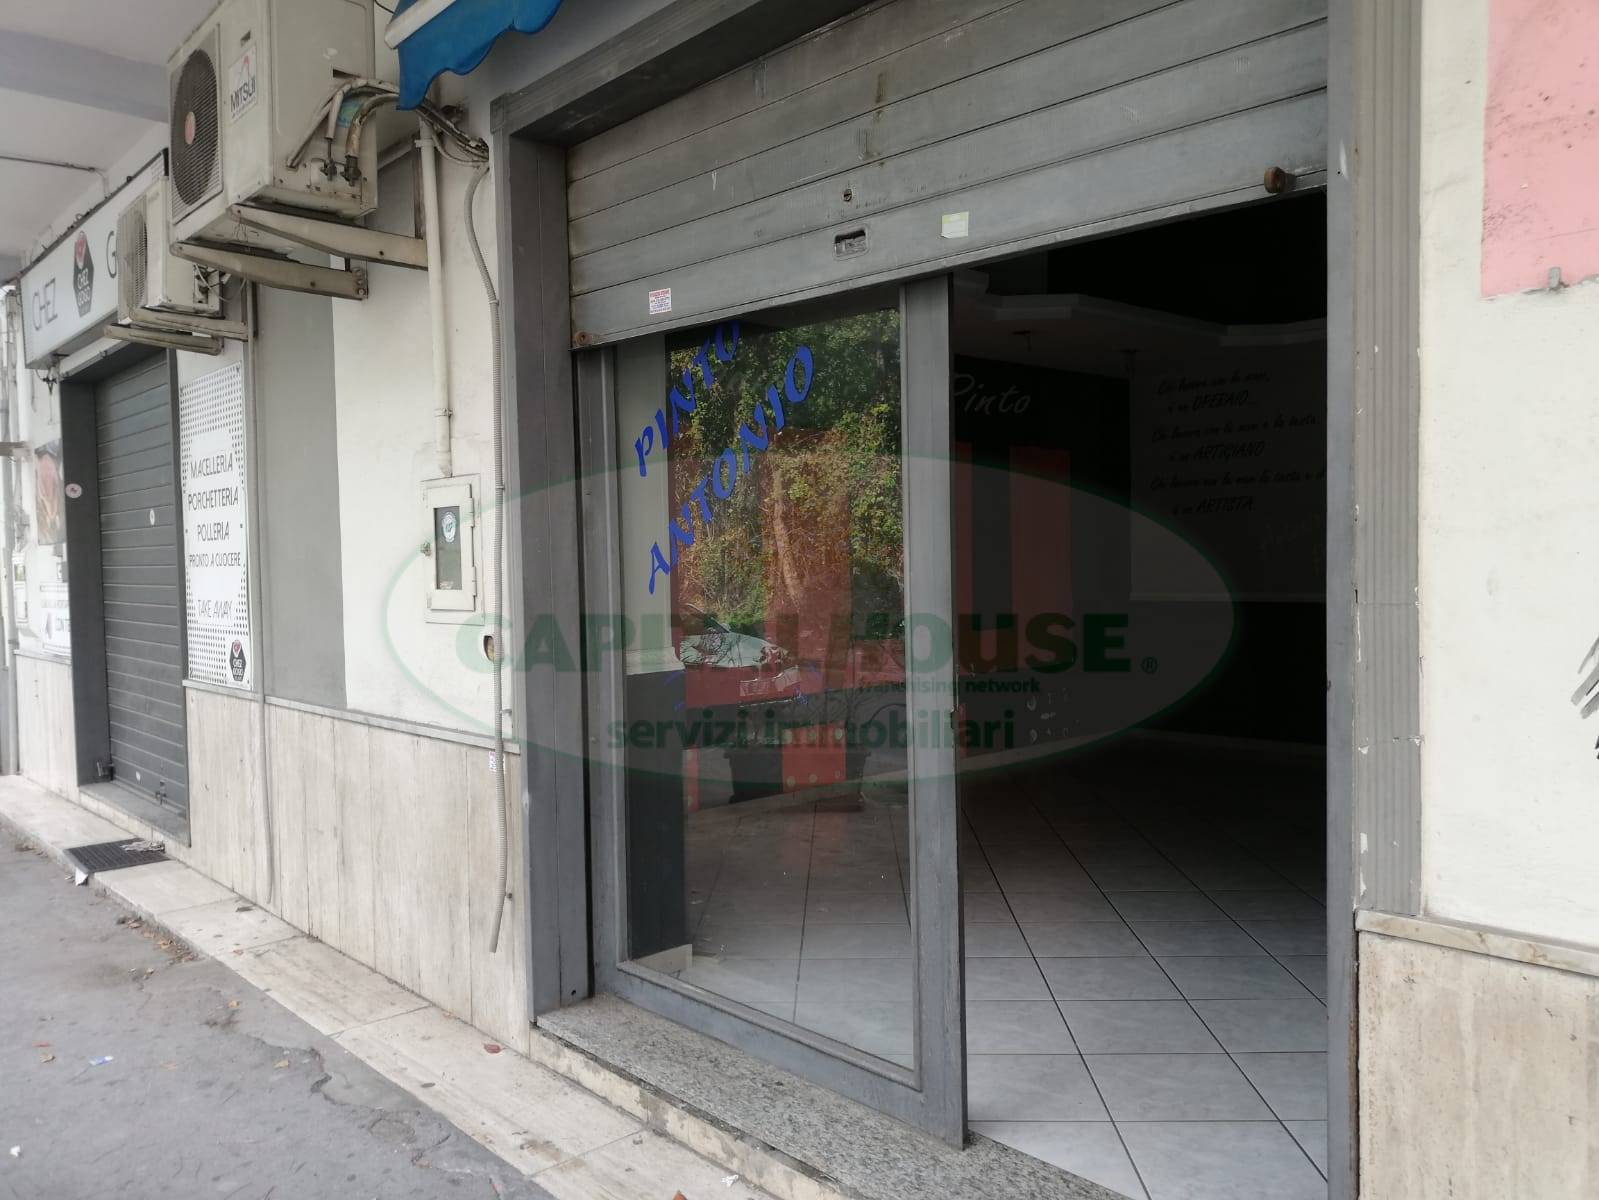 Negozio / Locale in affitto a Marigliano, 9999 locali, zona Zona: Miuli, prezzo € 450 | CambioCasa.it